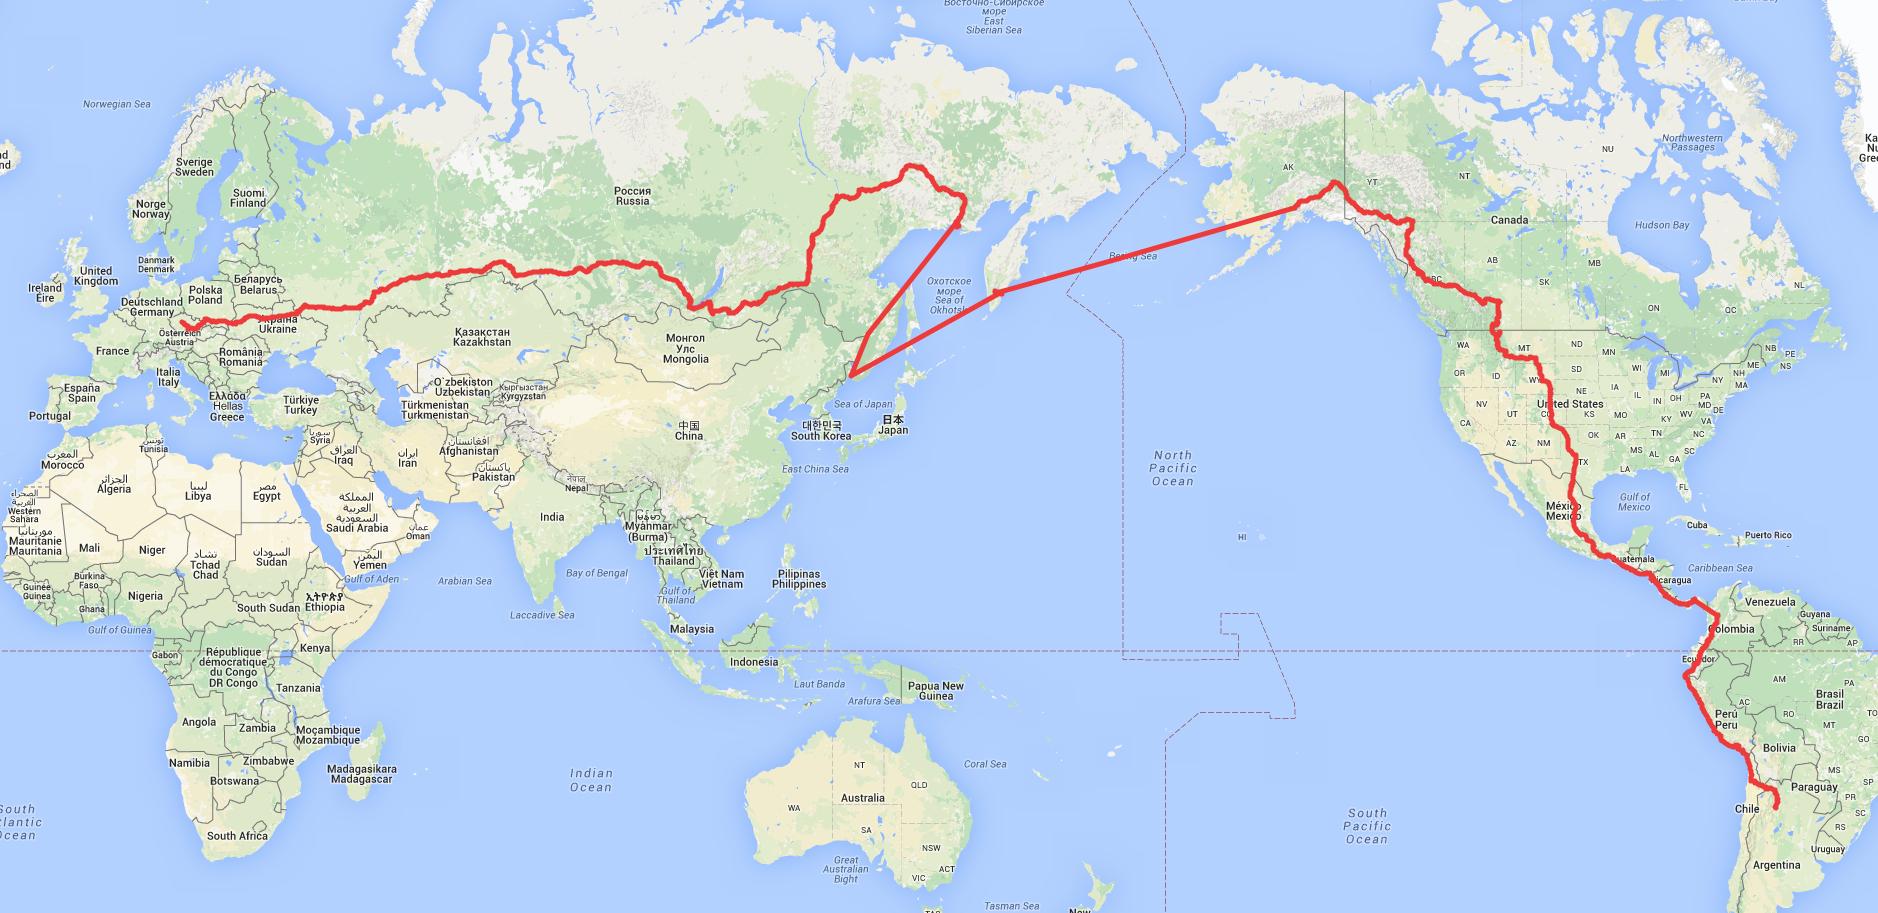 Cesta kolem světa autostopem Tomáše Poláčka